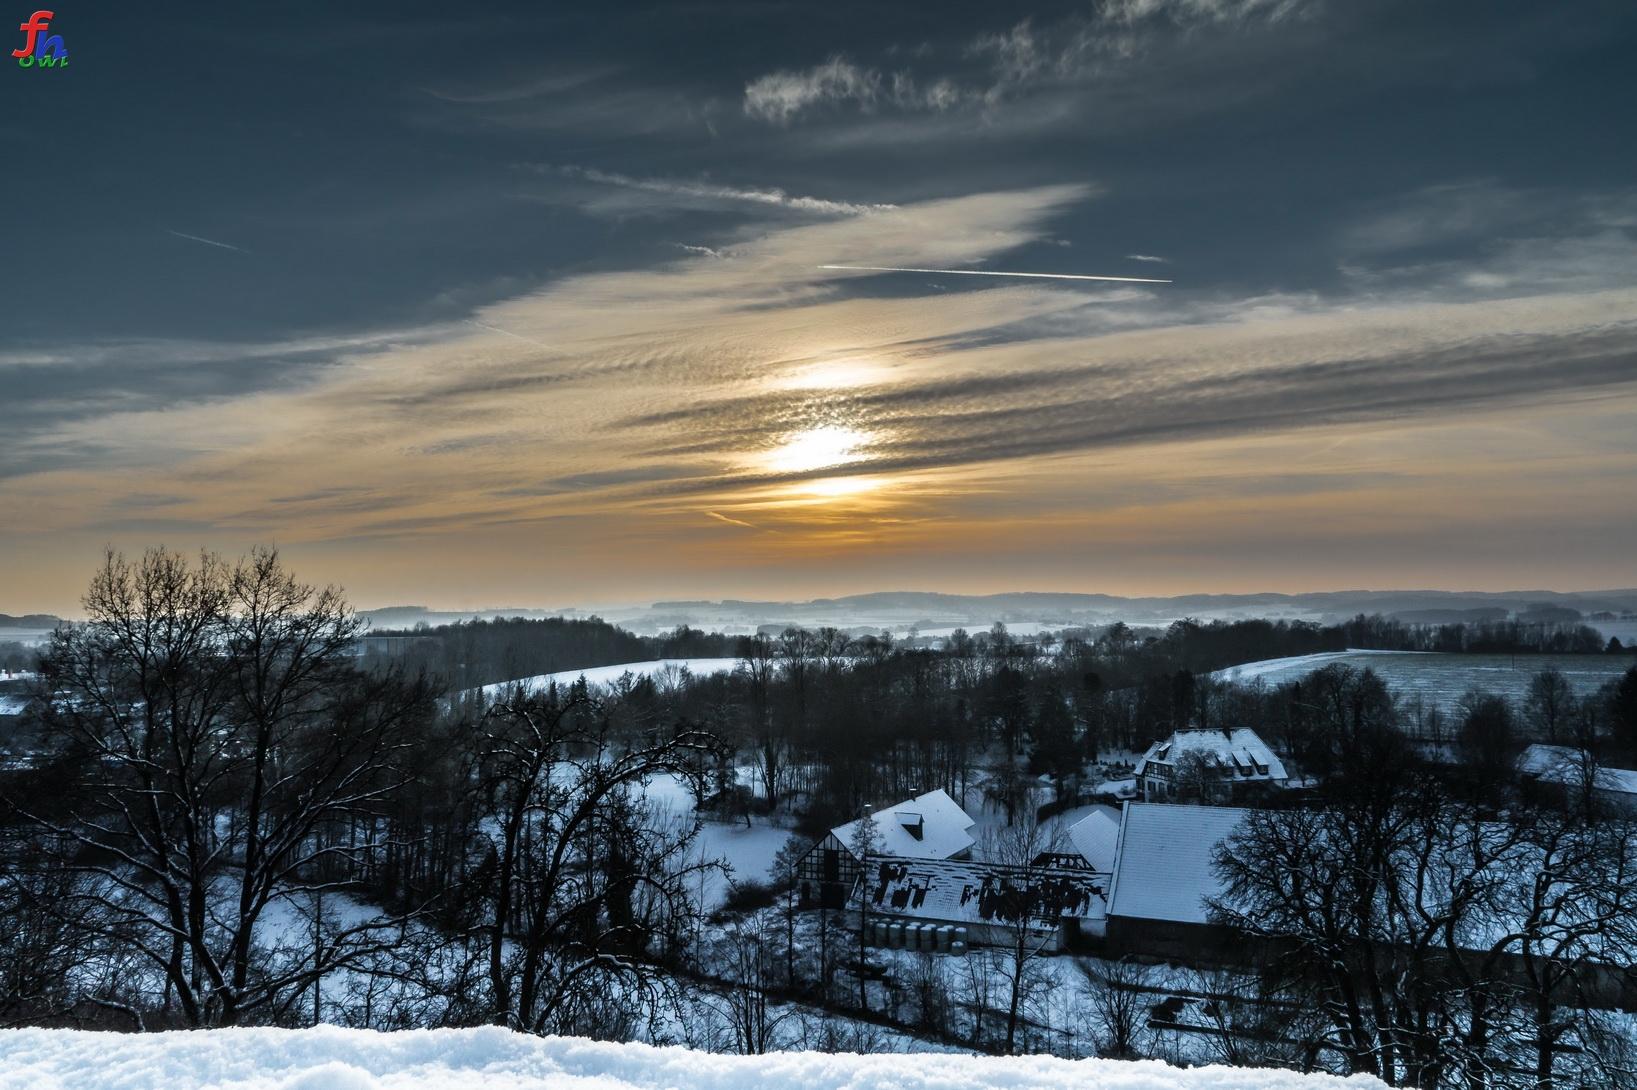 Abendsonne_im_Winter01.jpg